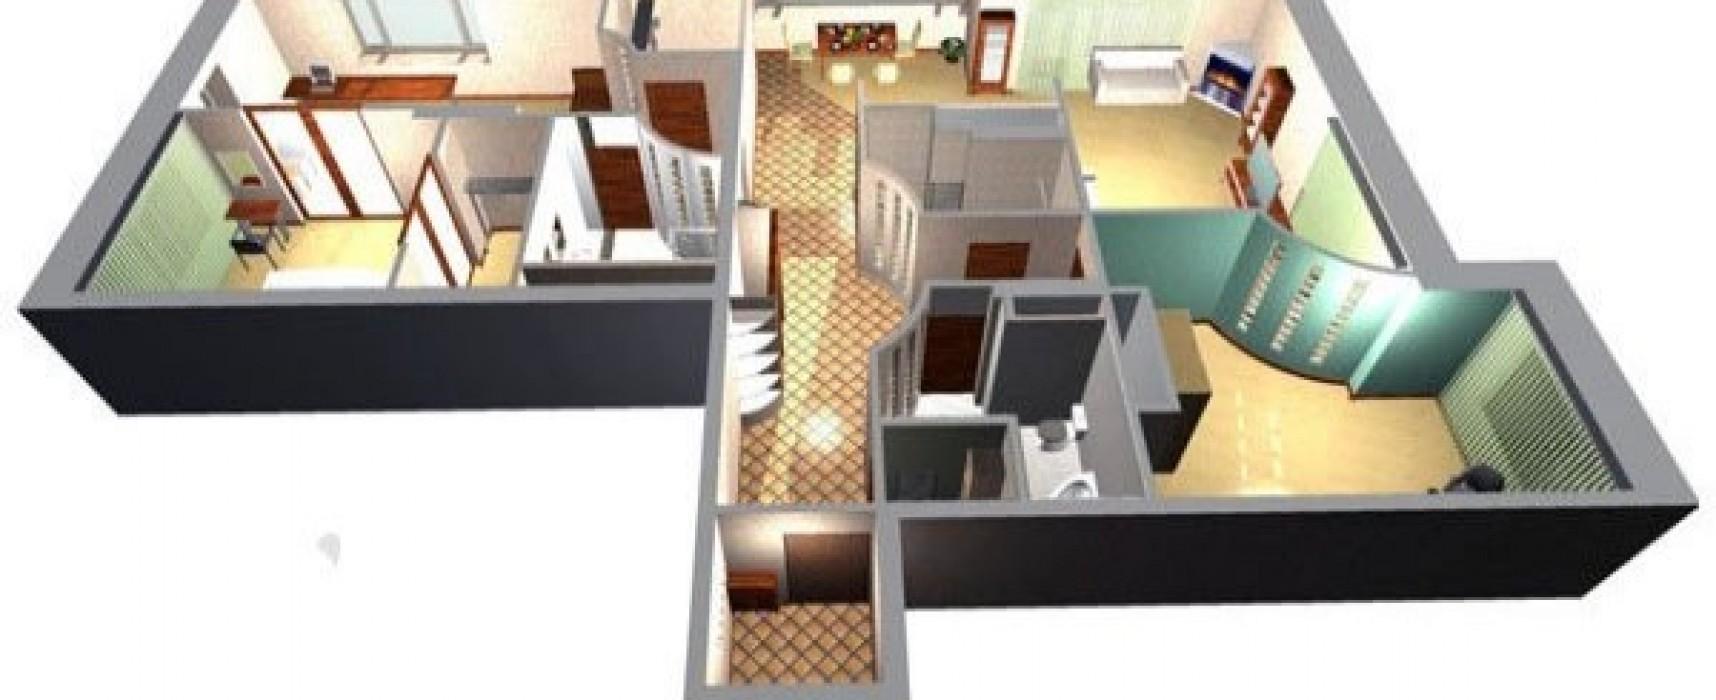 Как сделать перепланировку если квартира в ипотеке